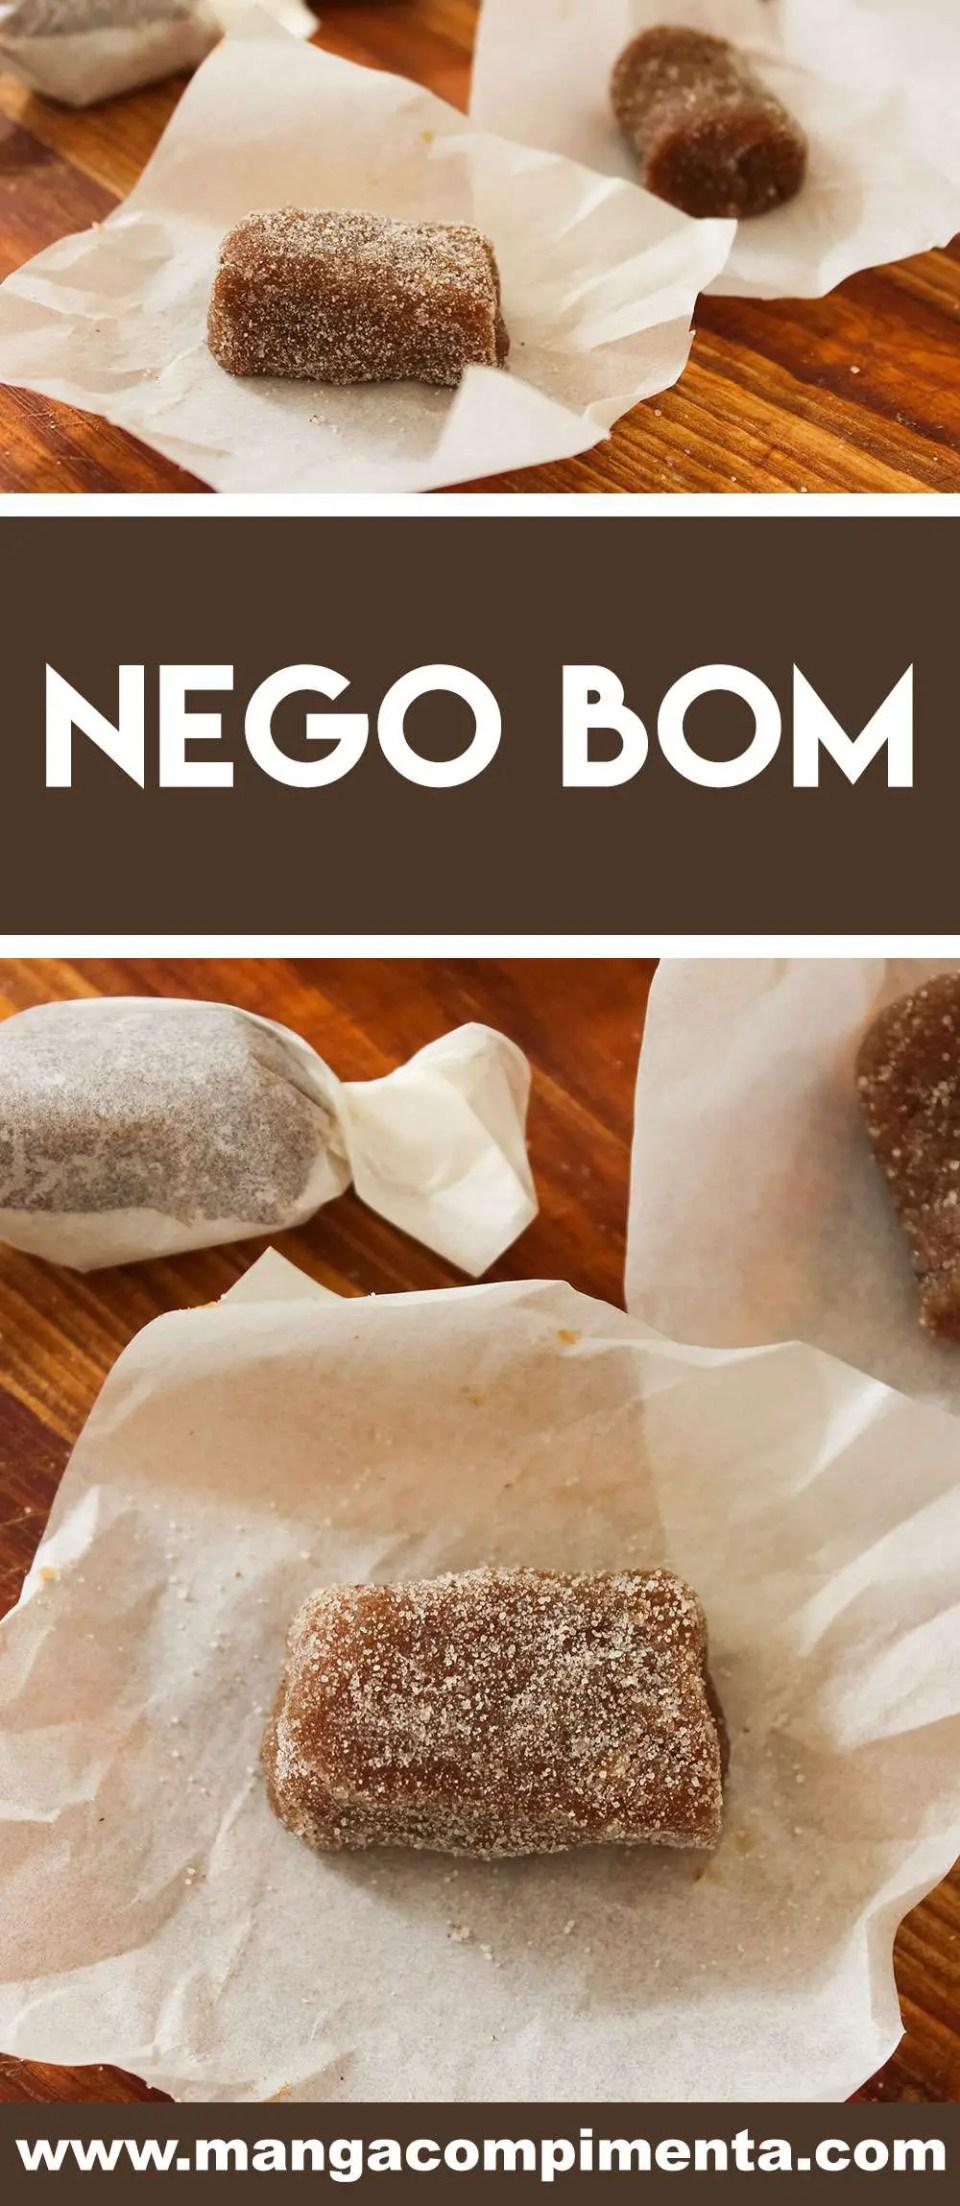 Receita de Nego Bom - prepare um doce de banana caseiro e delicioso, você não vai parar de comer.